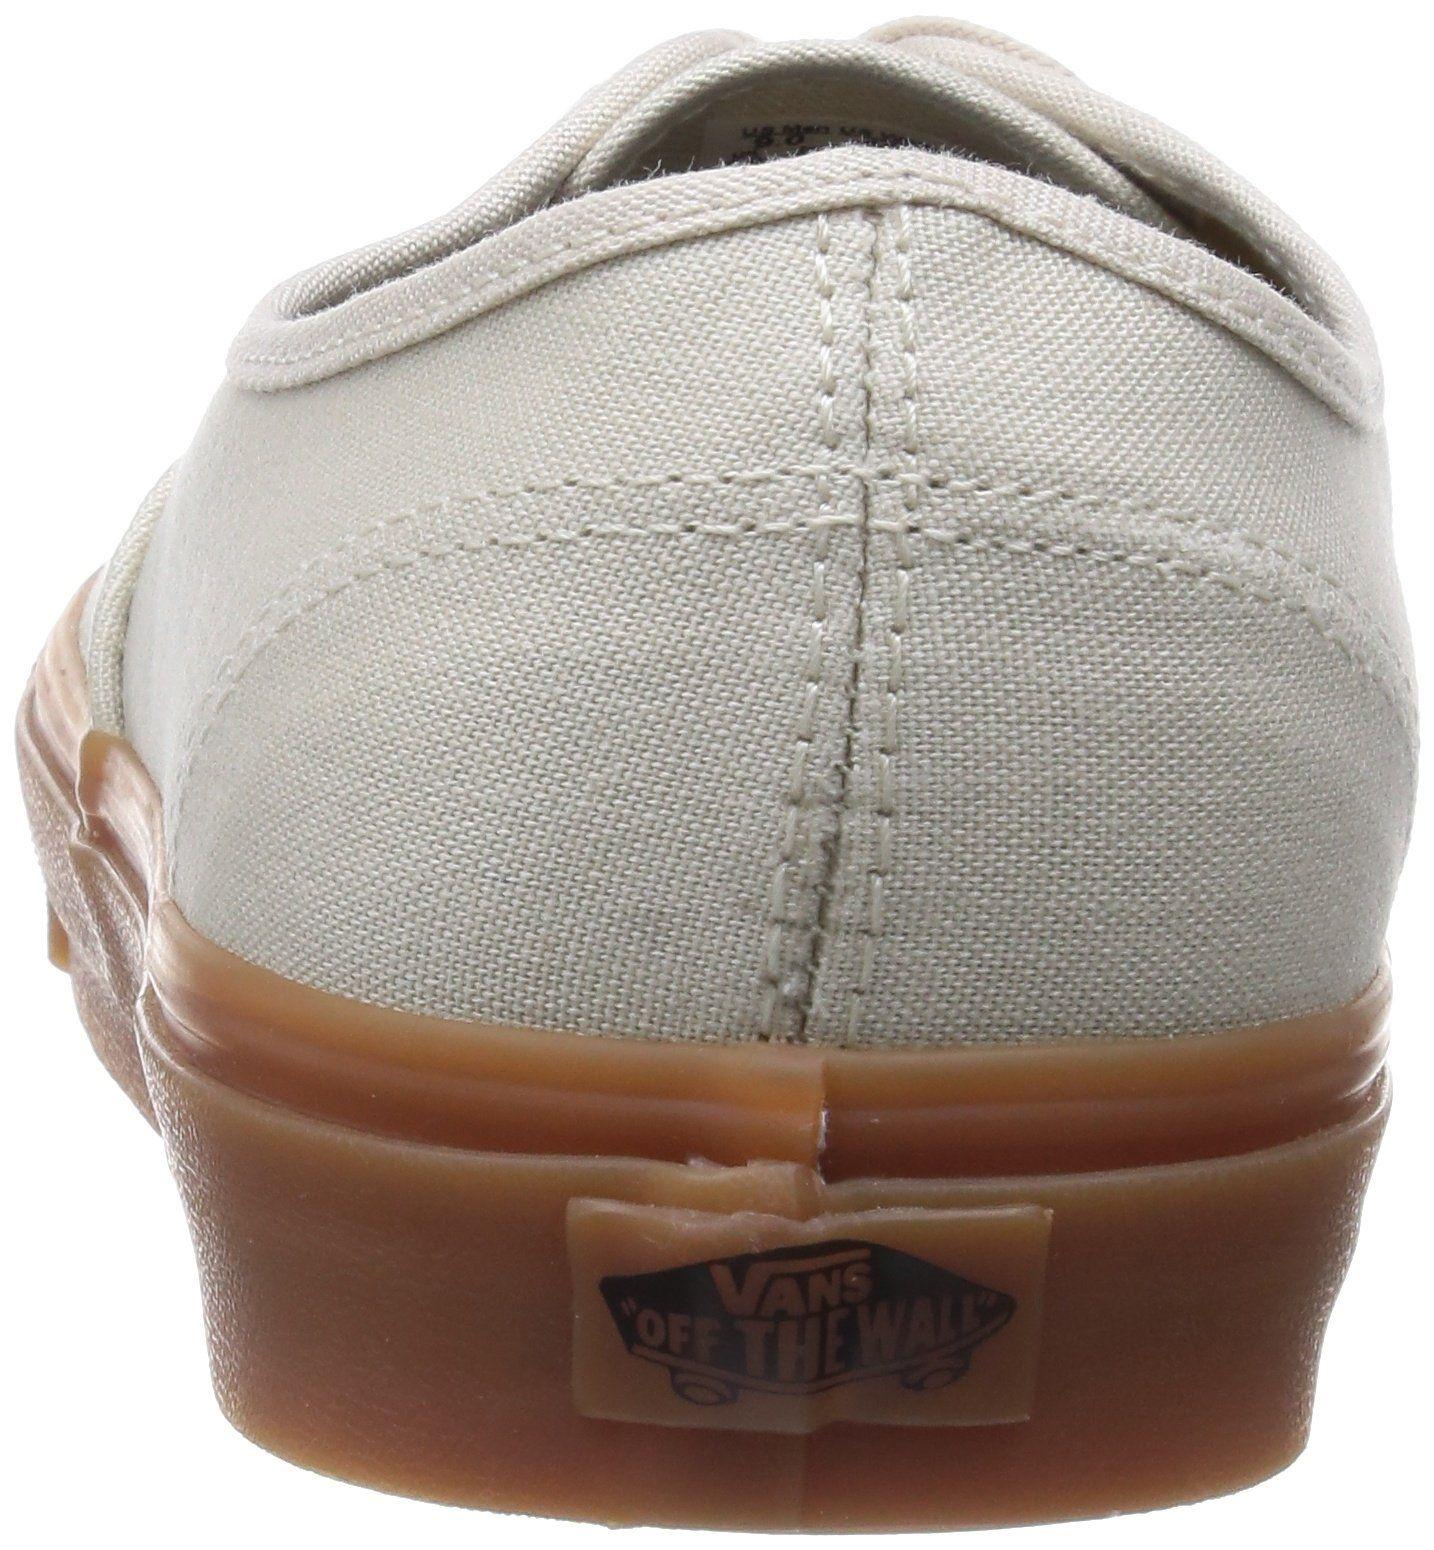 Vans Unisex Authentic Gumsole Birch Sneakers Shoes (Men's 10)